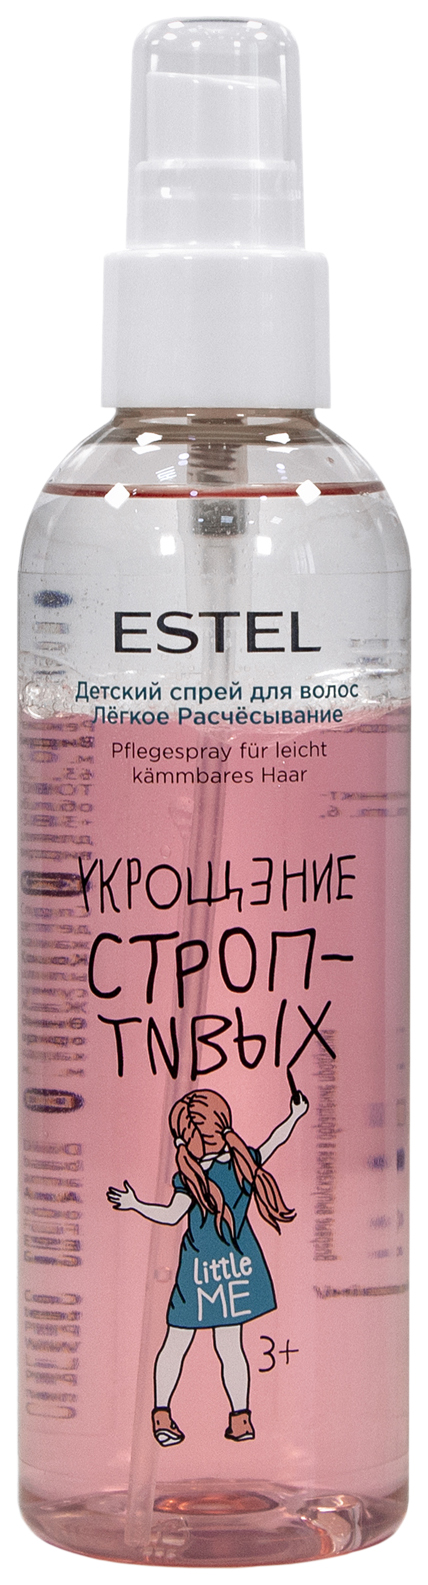 Детский спрей для волос Estel Little